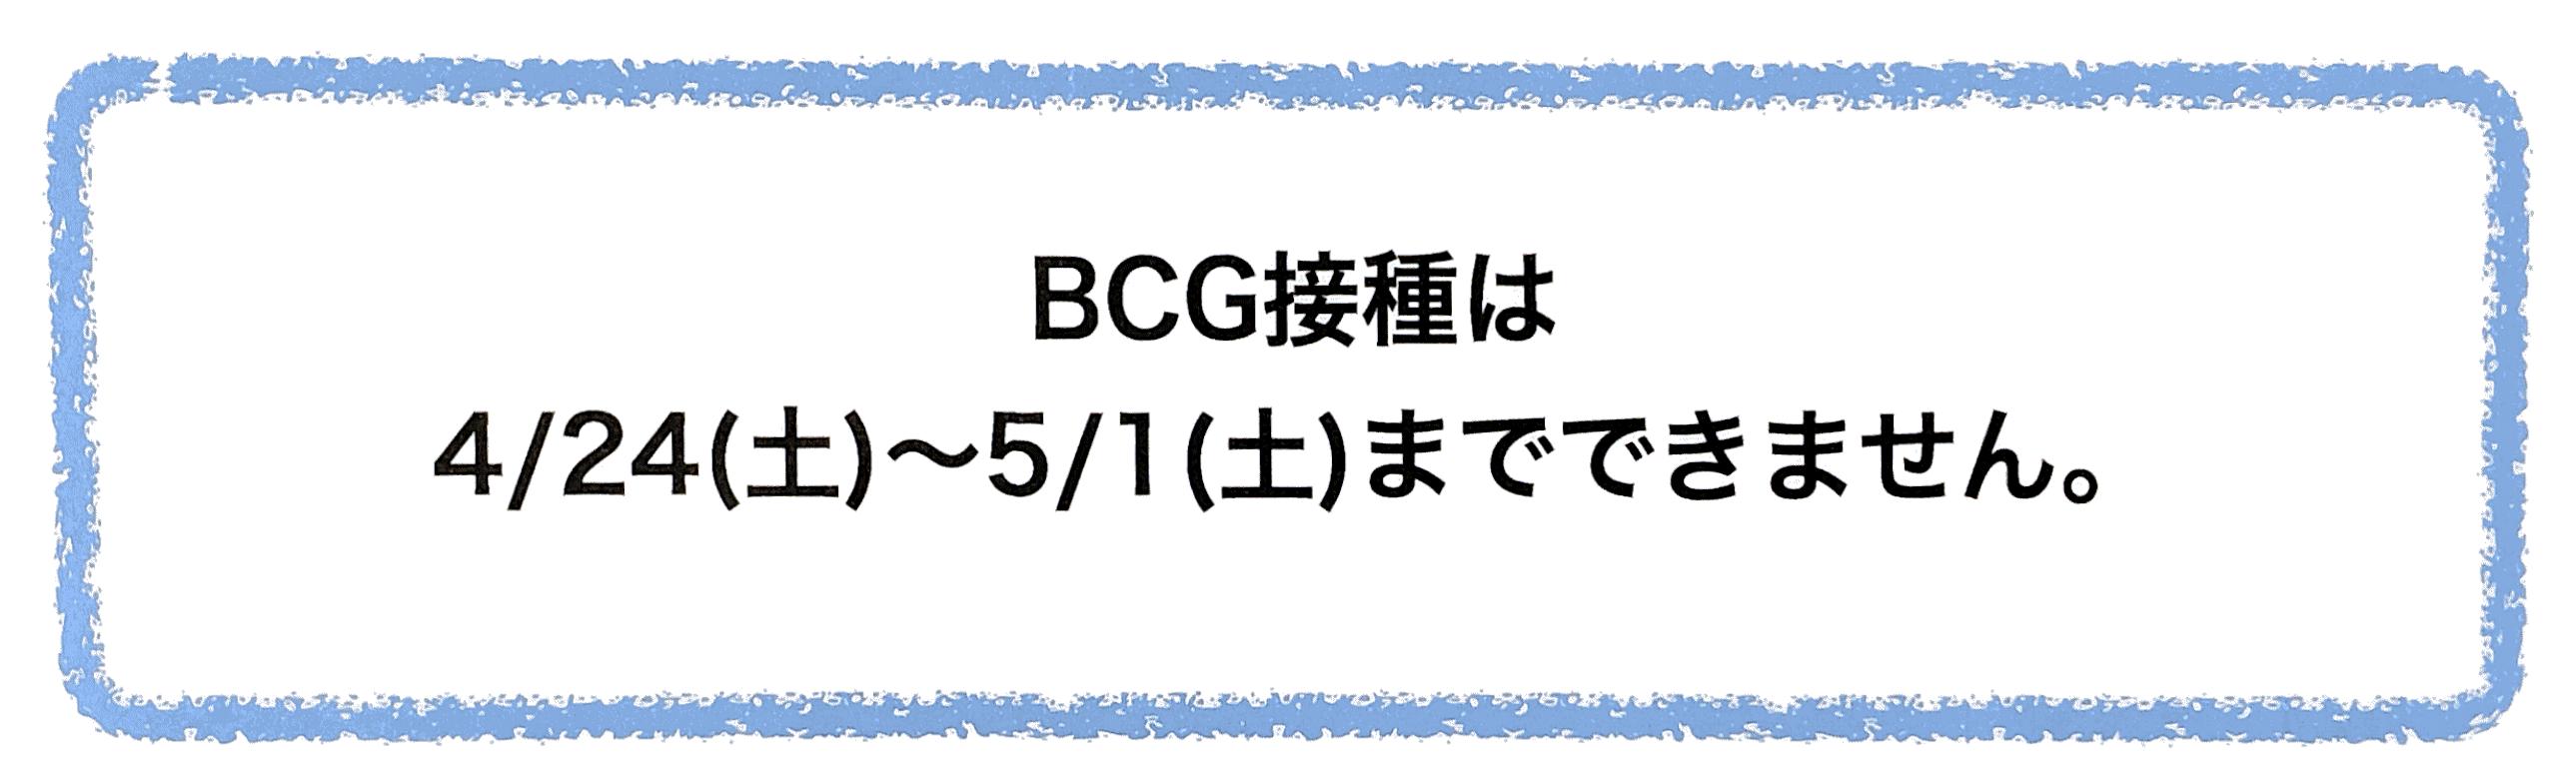 BCG kyuusi